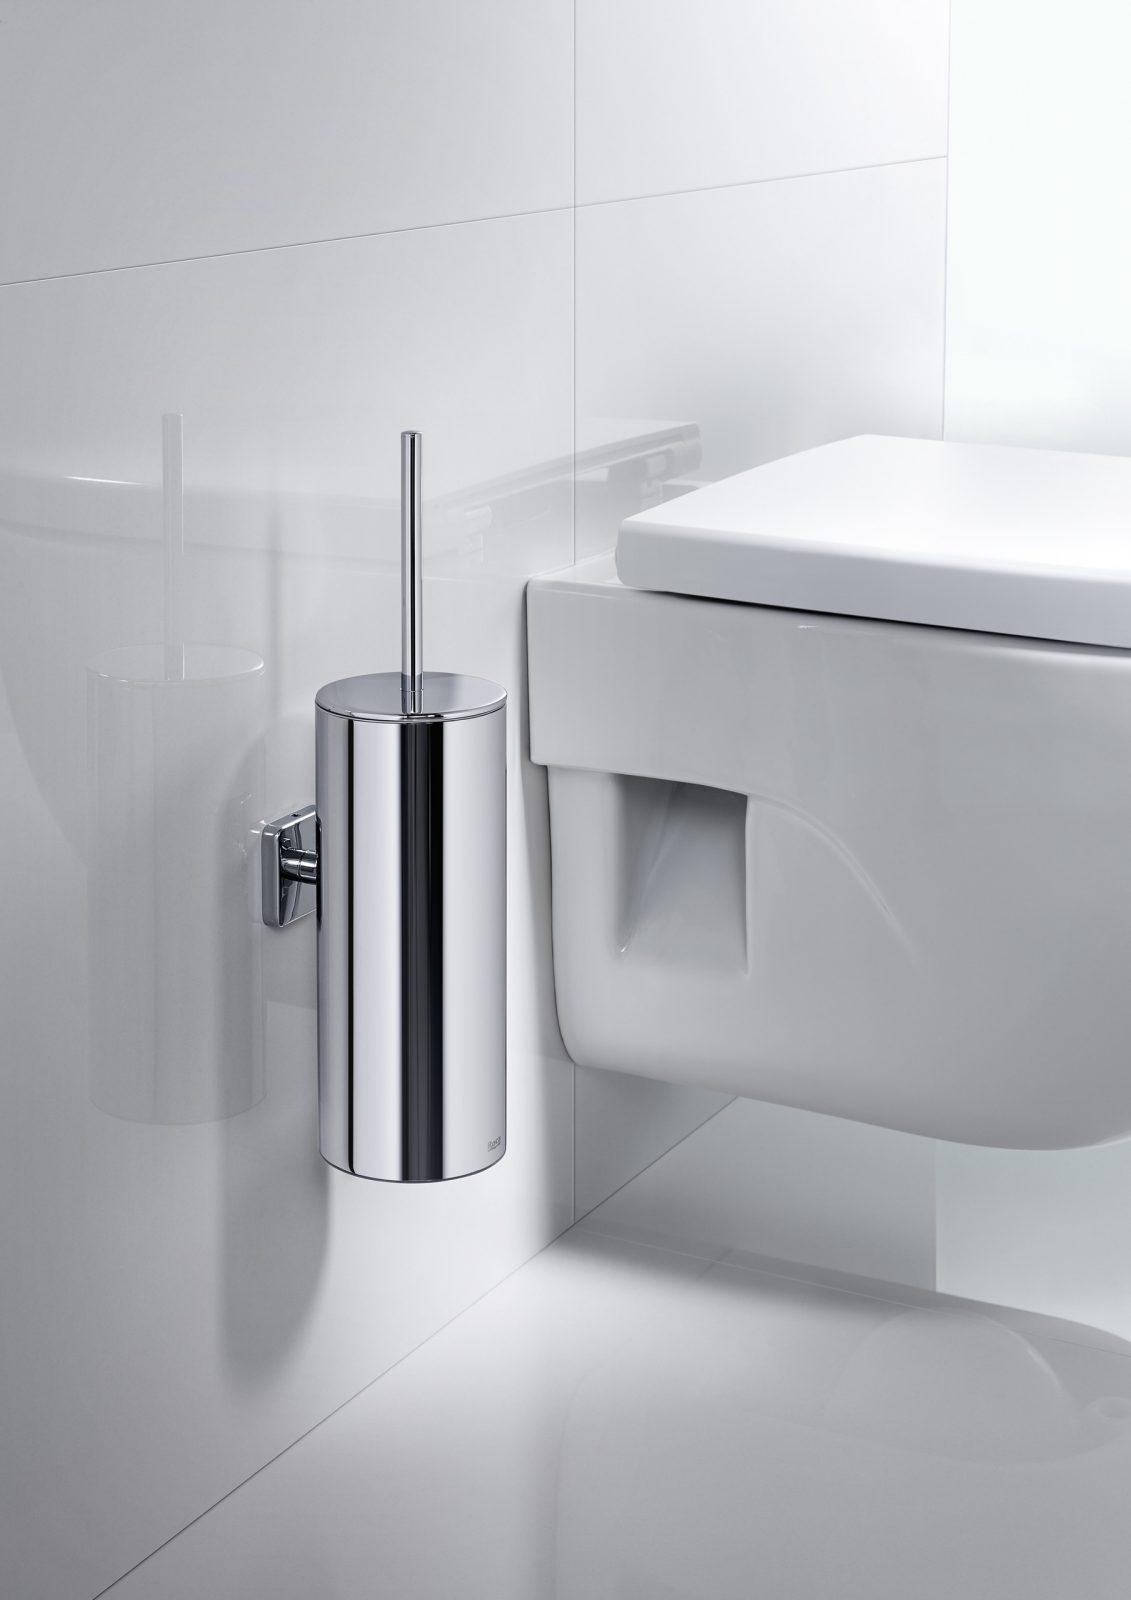 Accessoires wc roca 230846 ontwerp for Accessoires wc